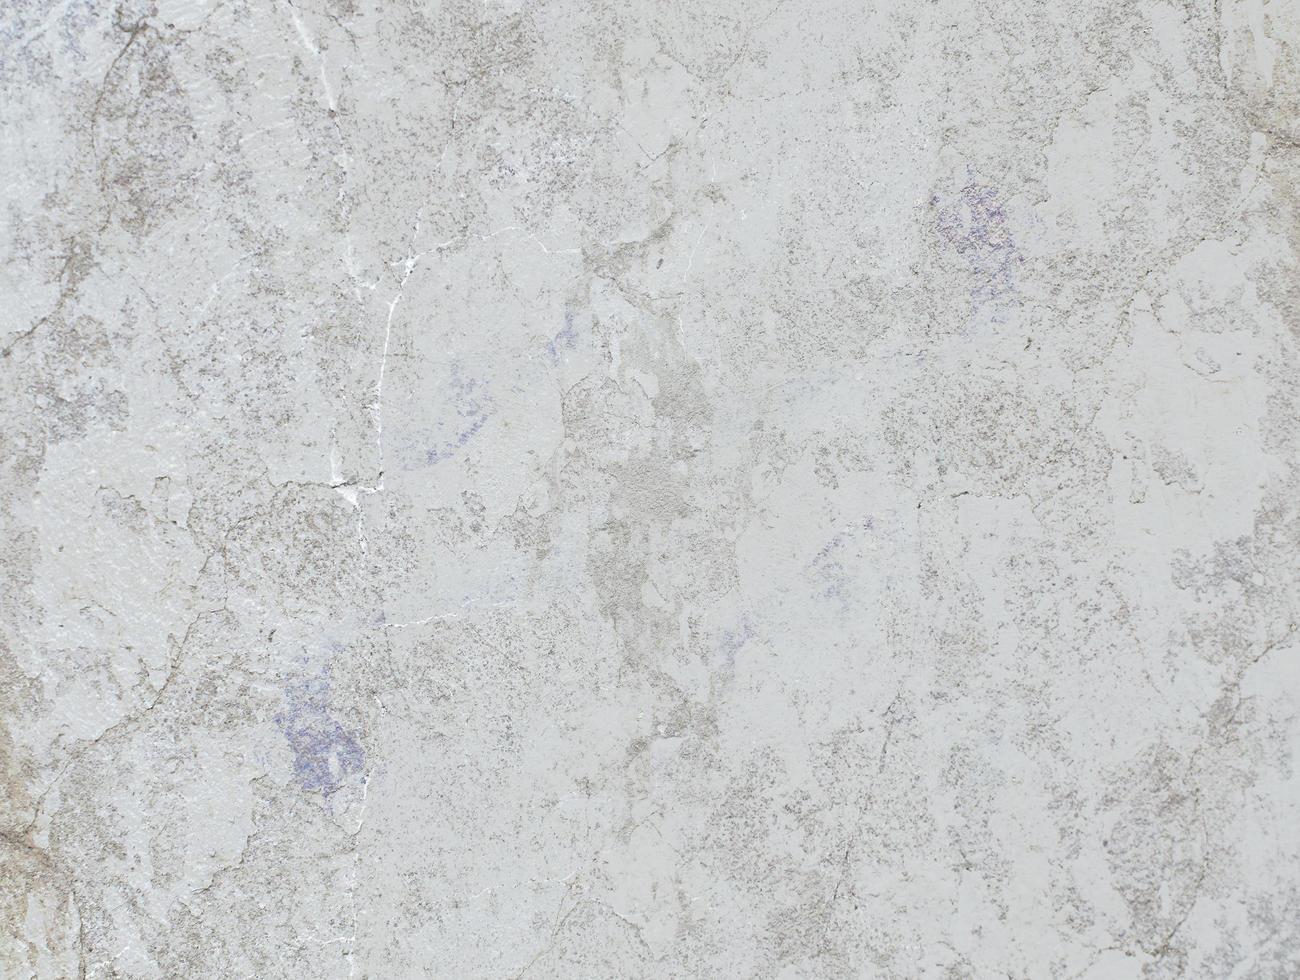 marmorierte Betonwandbeschaffenheit foto